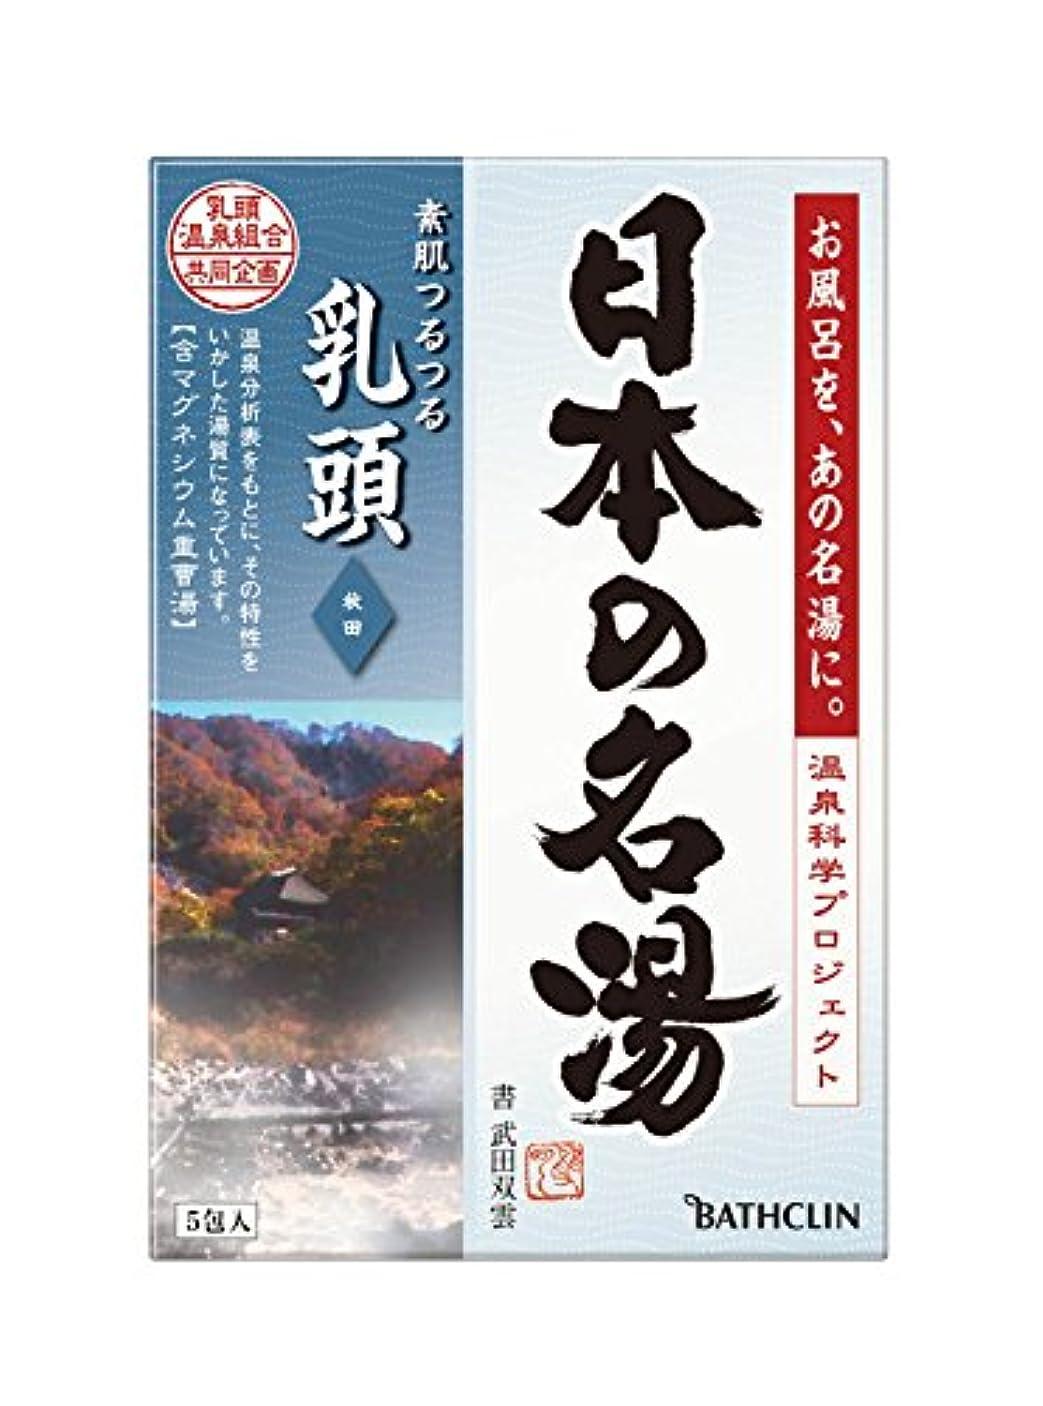 なんとなく予防接種作り上げる【医薬部外品】日本の名湯入浴剤 乳頭(秋田) 30g ×5包 にごりタイプ 個包装 温泉タイプ